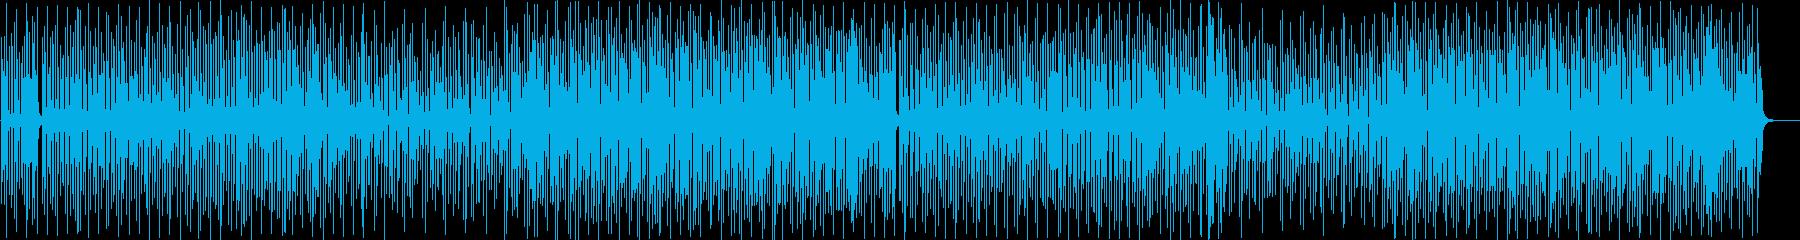 コミカルゲームBGMの再生済みの波形